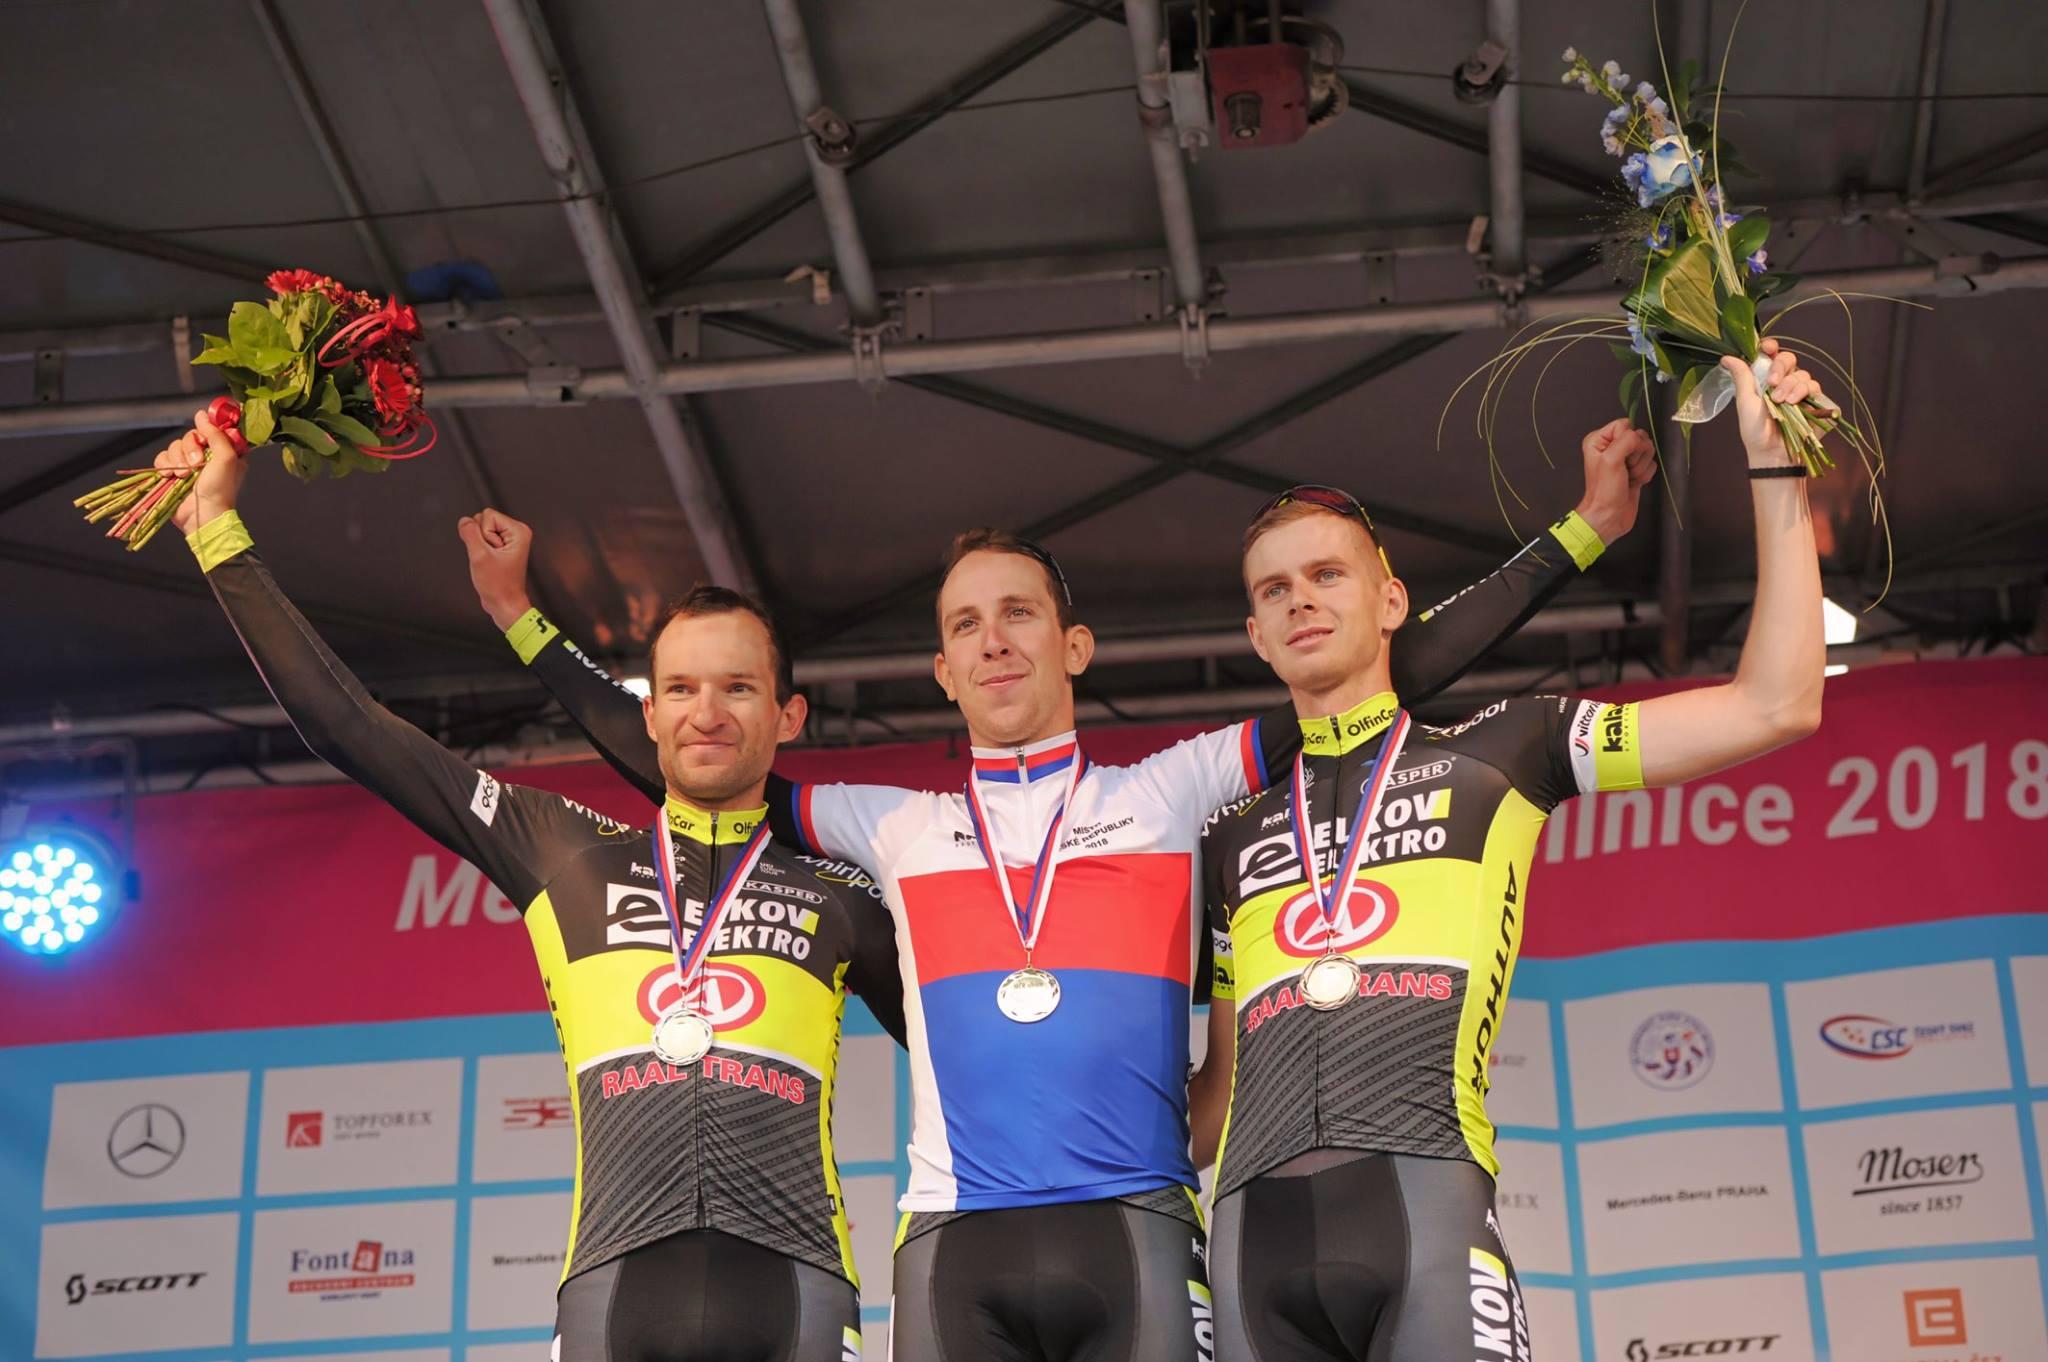 Йозеф Черный с товарищами по команде празднует победу на чемпионате Чехии по велоспорту